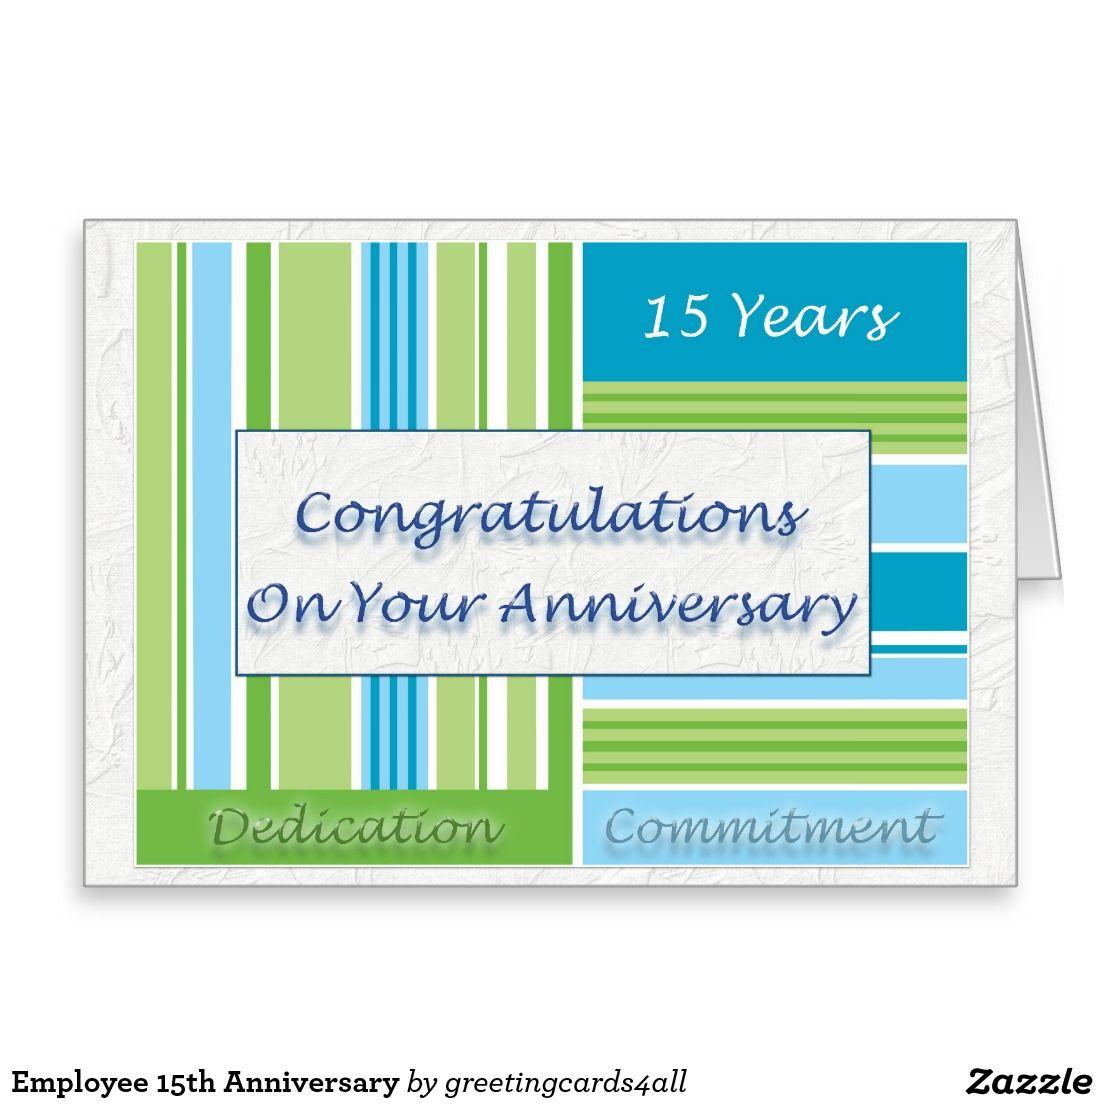 Employee 15th anniversary card anniversary